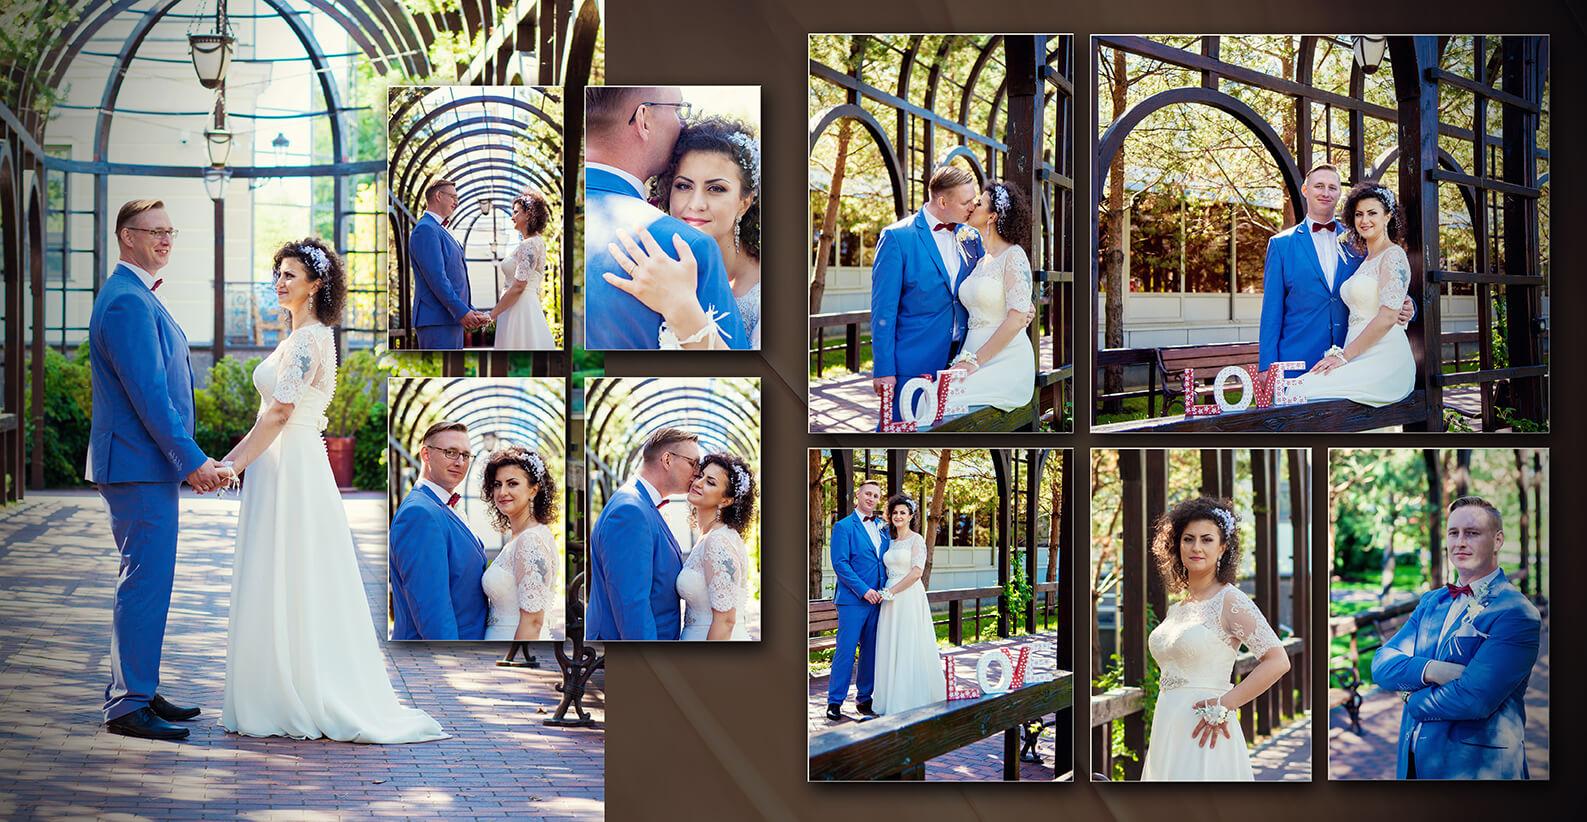 svadebnaja-fotokniga-albom-zakazat-fotograf-kiev-primery-9